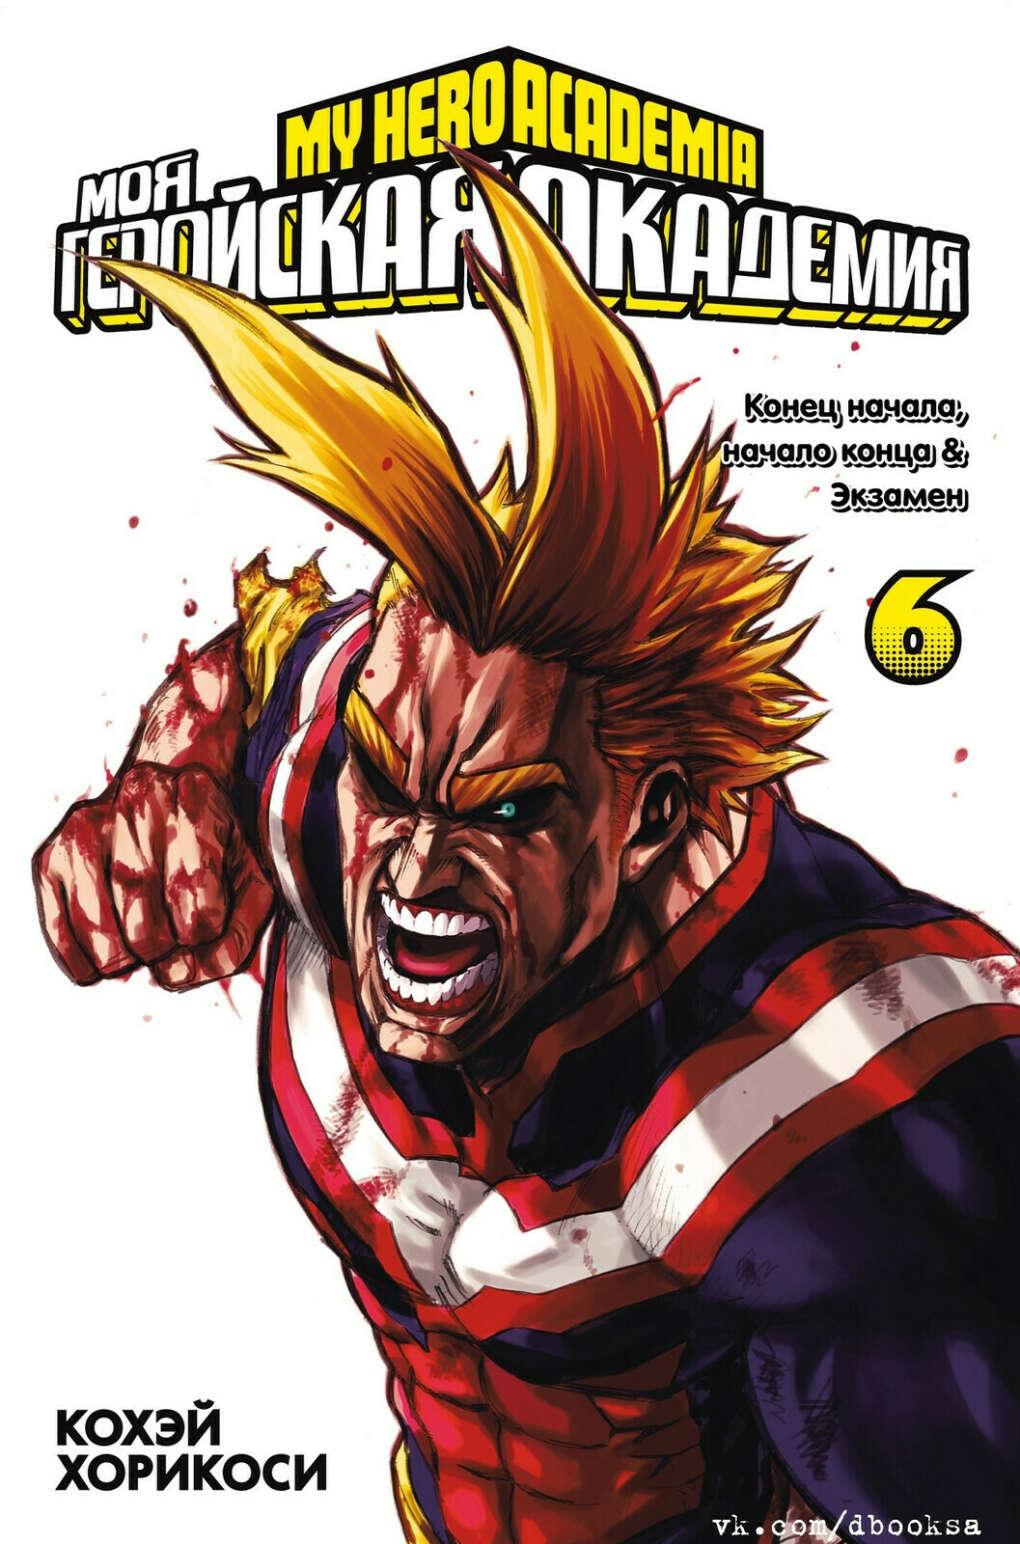 """Кохэя Хорикоси """"Моя геройская академия. Кн. 6"""""""